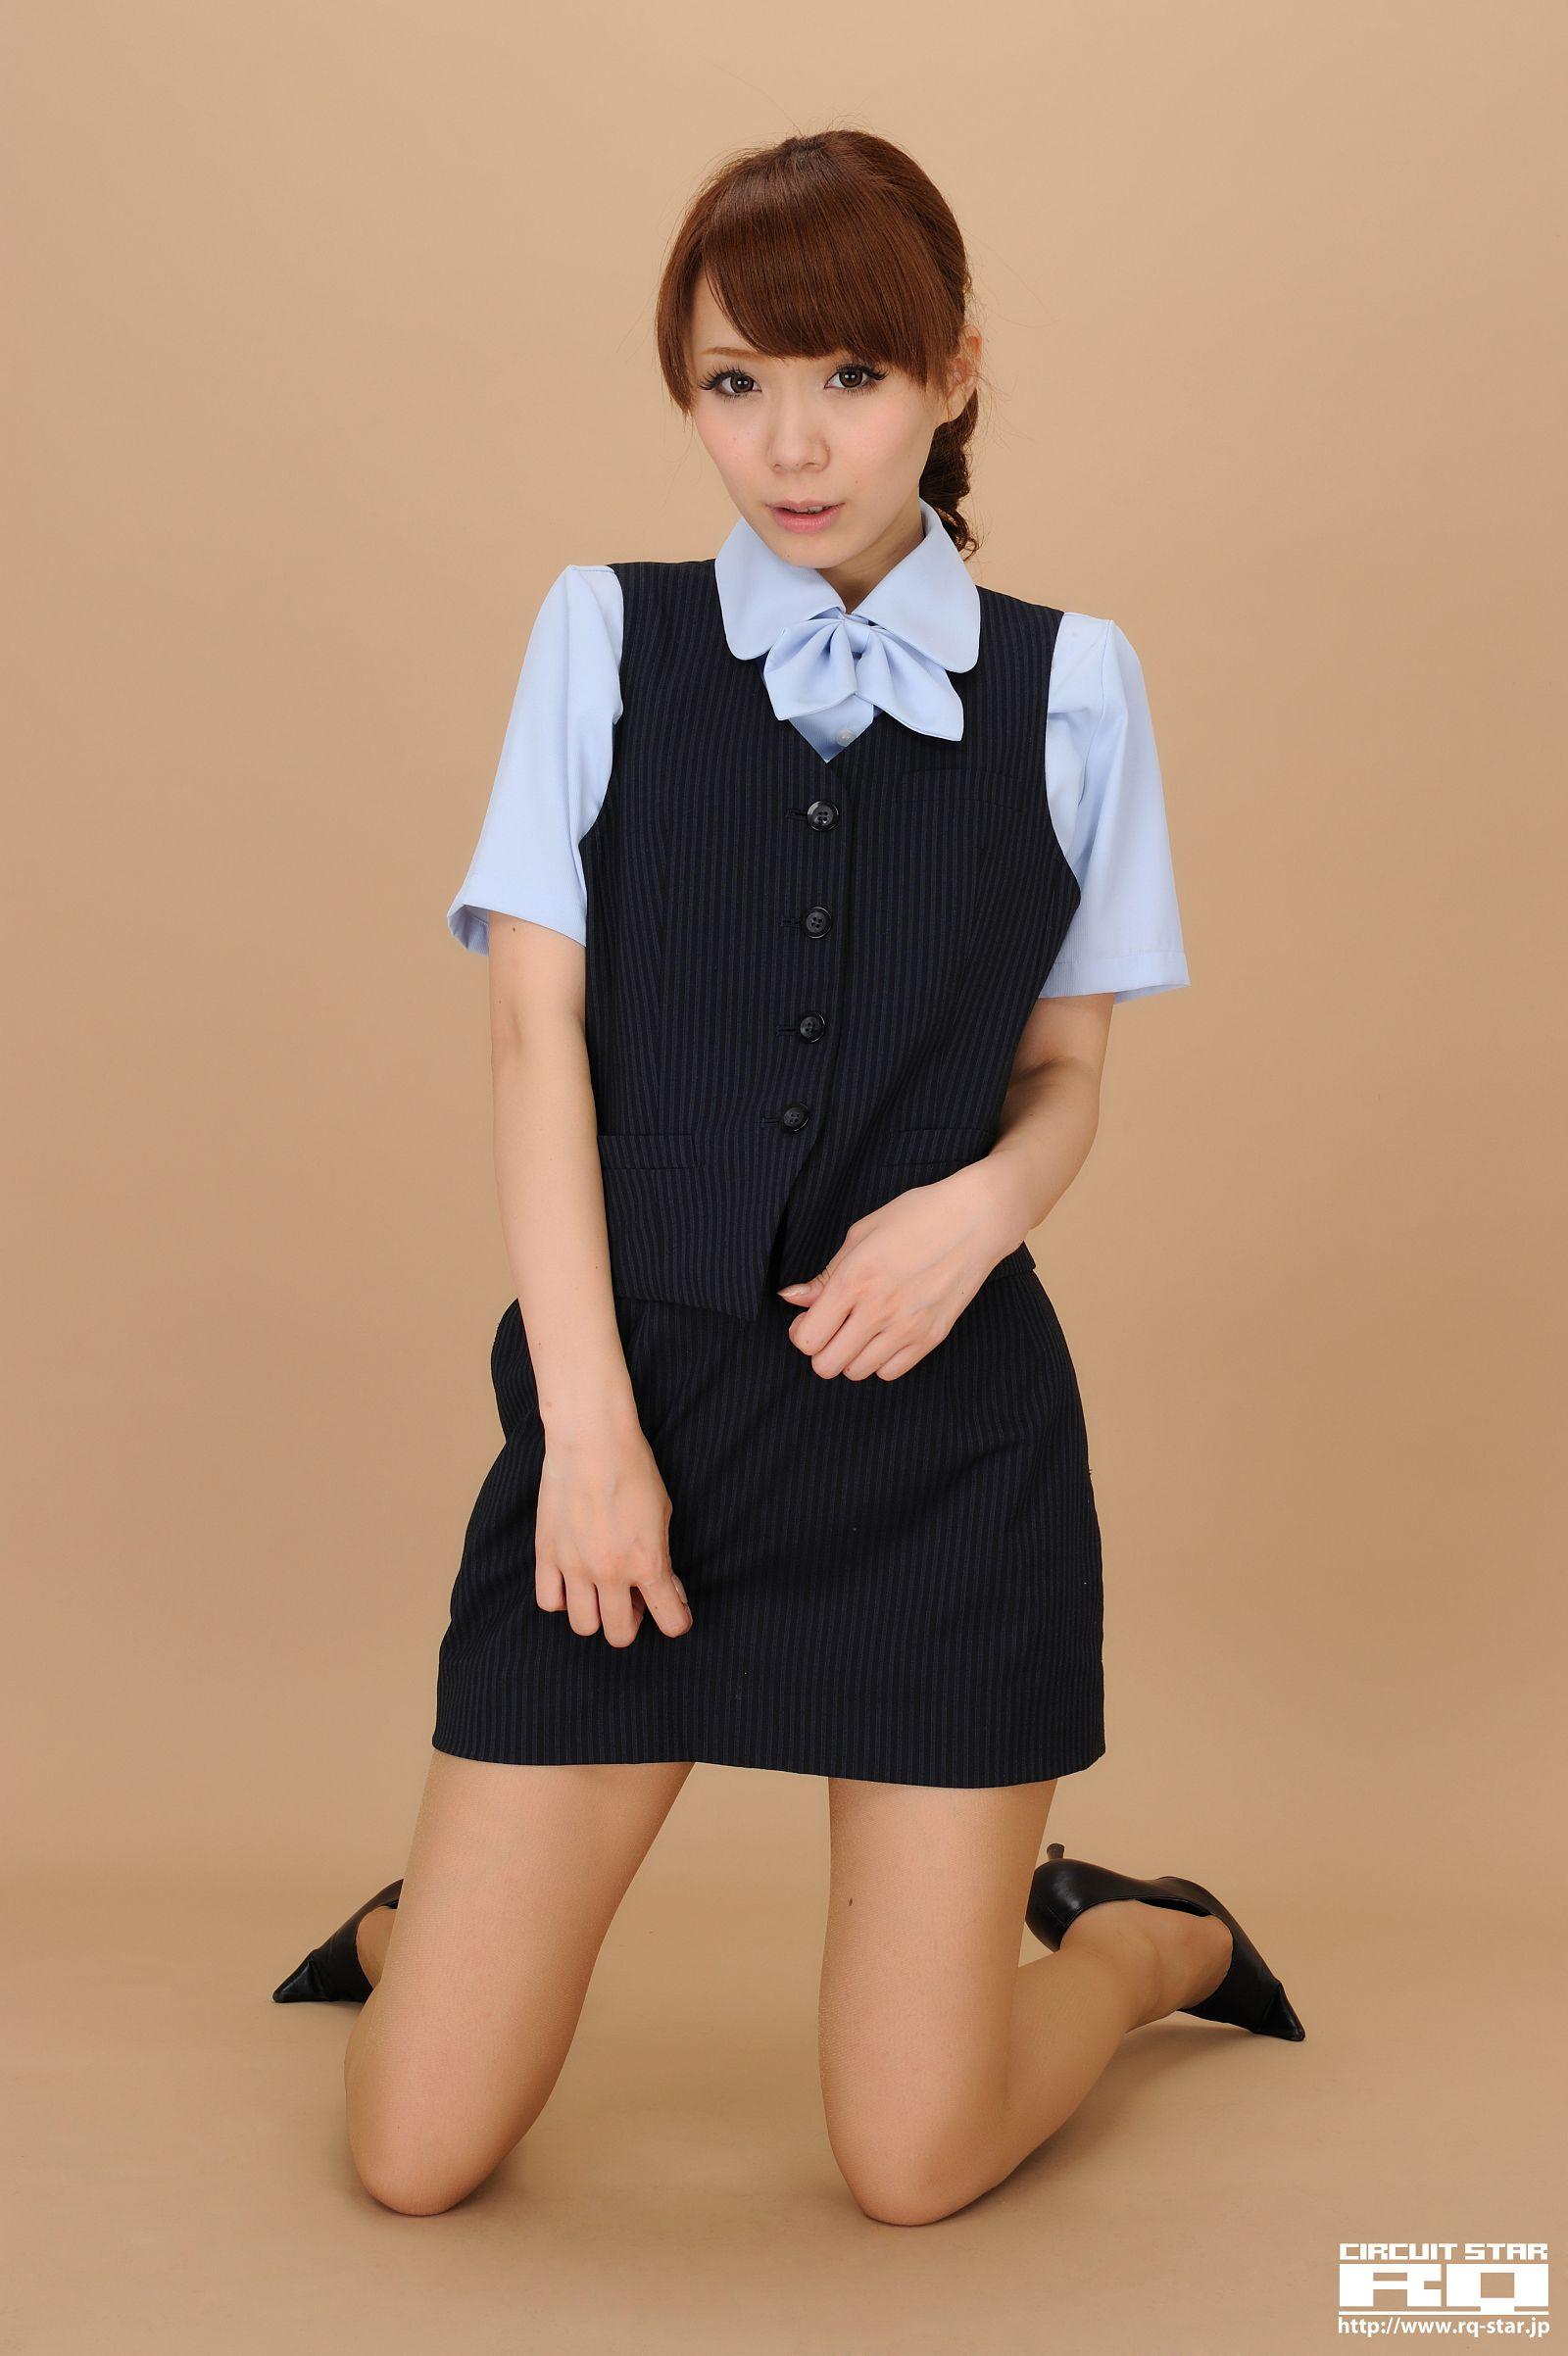 [RQ STAR美女] NO.00524 Ari Takada 高田亜鈴 Office Lady[115P] RQ STAR 第4张